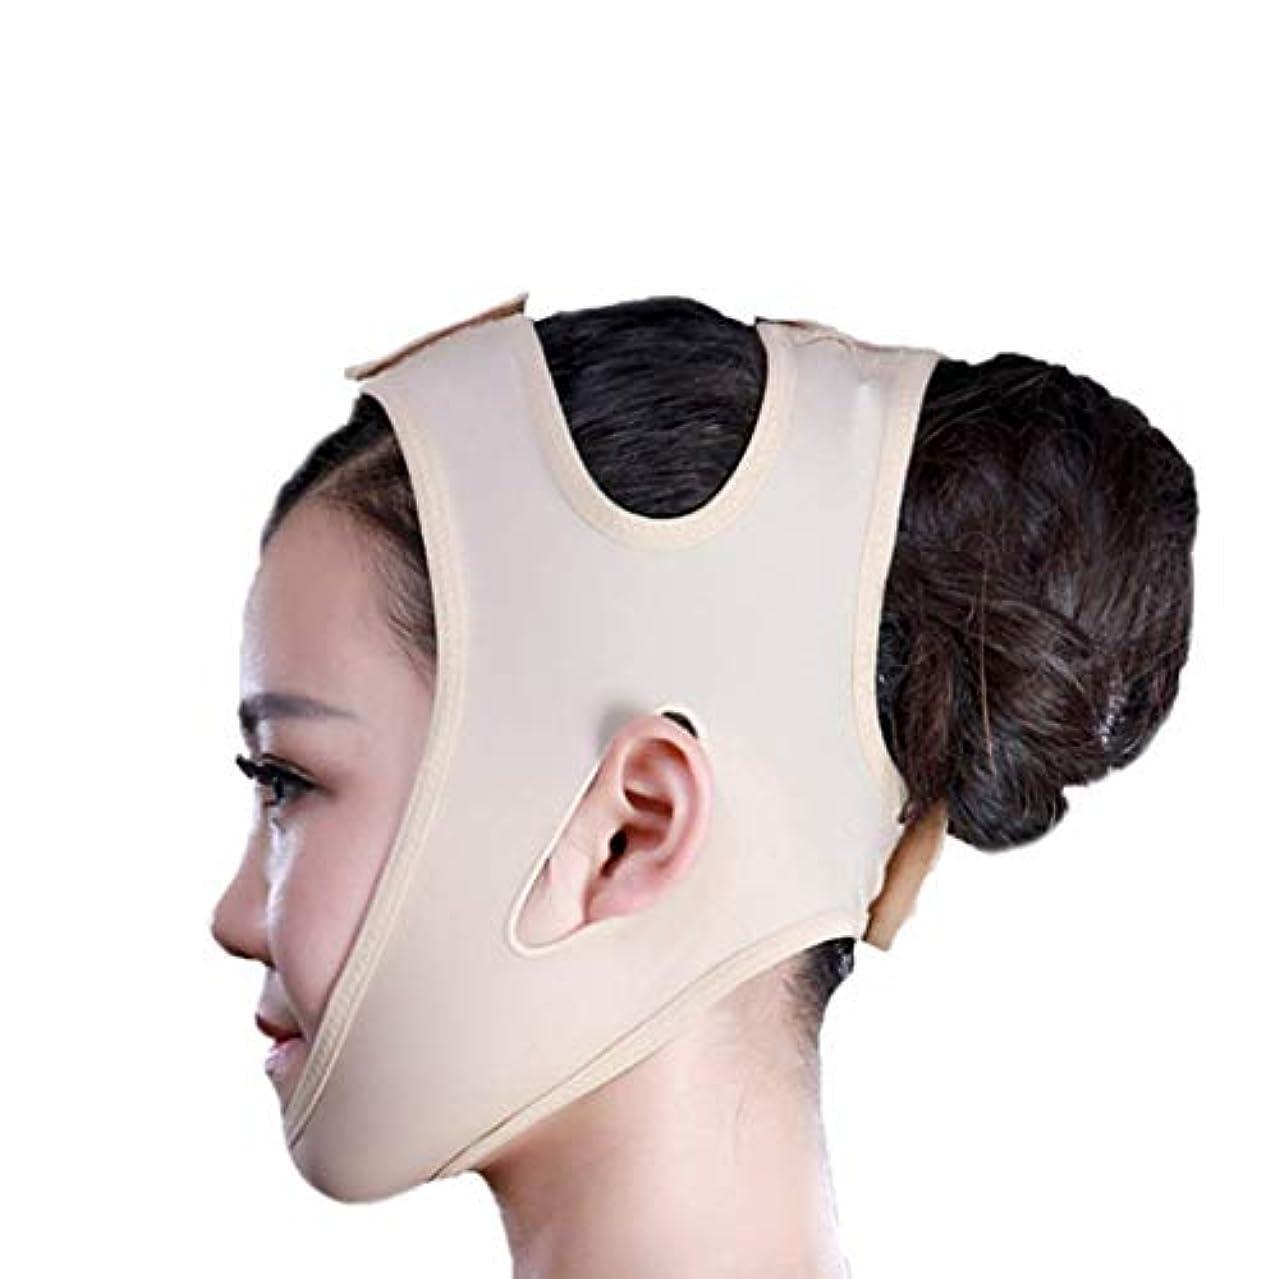 実験予測子行方不明フェイススリミングマスク、快適さと通気性、フェイシャルリフティング、輪郭の改善された硬さ、ファーミングとリフティングフェイス(カラー:ブラック、サイズ:XL),黄色がかったピンク、S